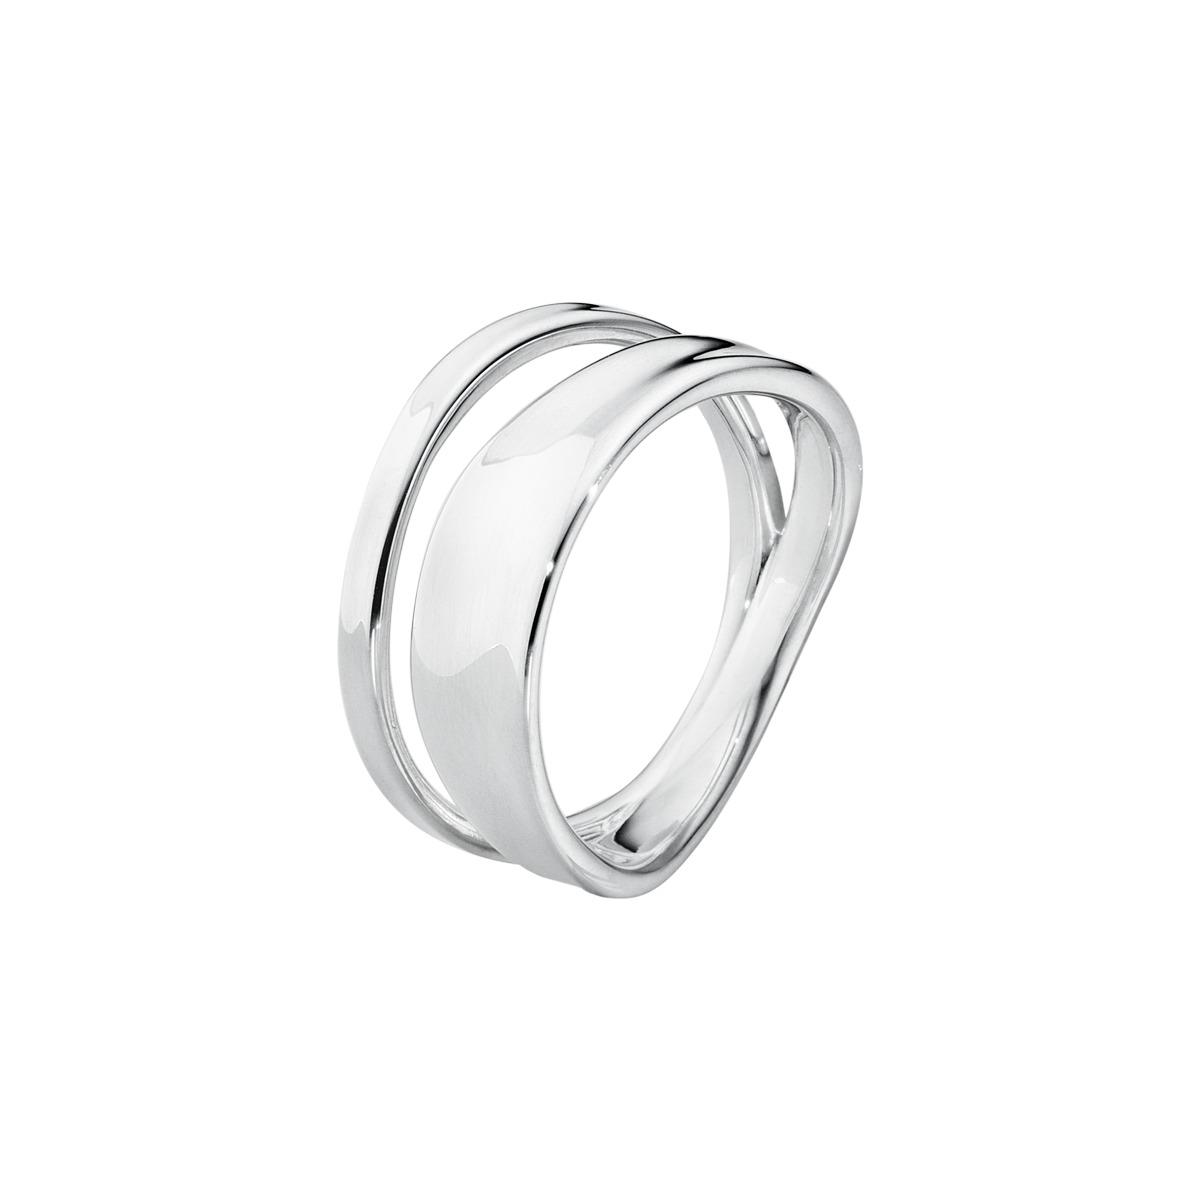 Georg Jensen MARCIA ring - 3561100 Størrelse 57